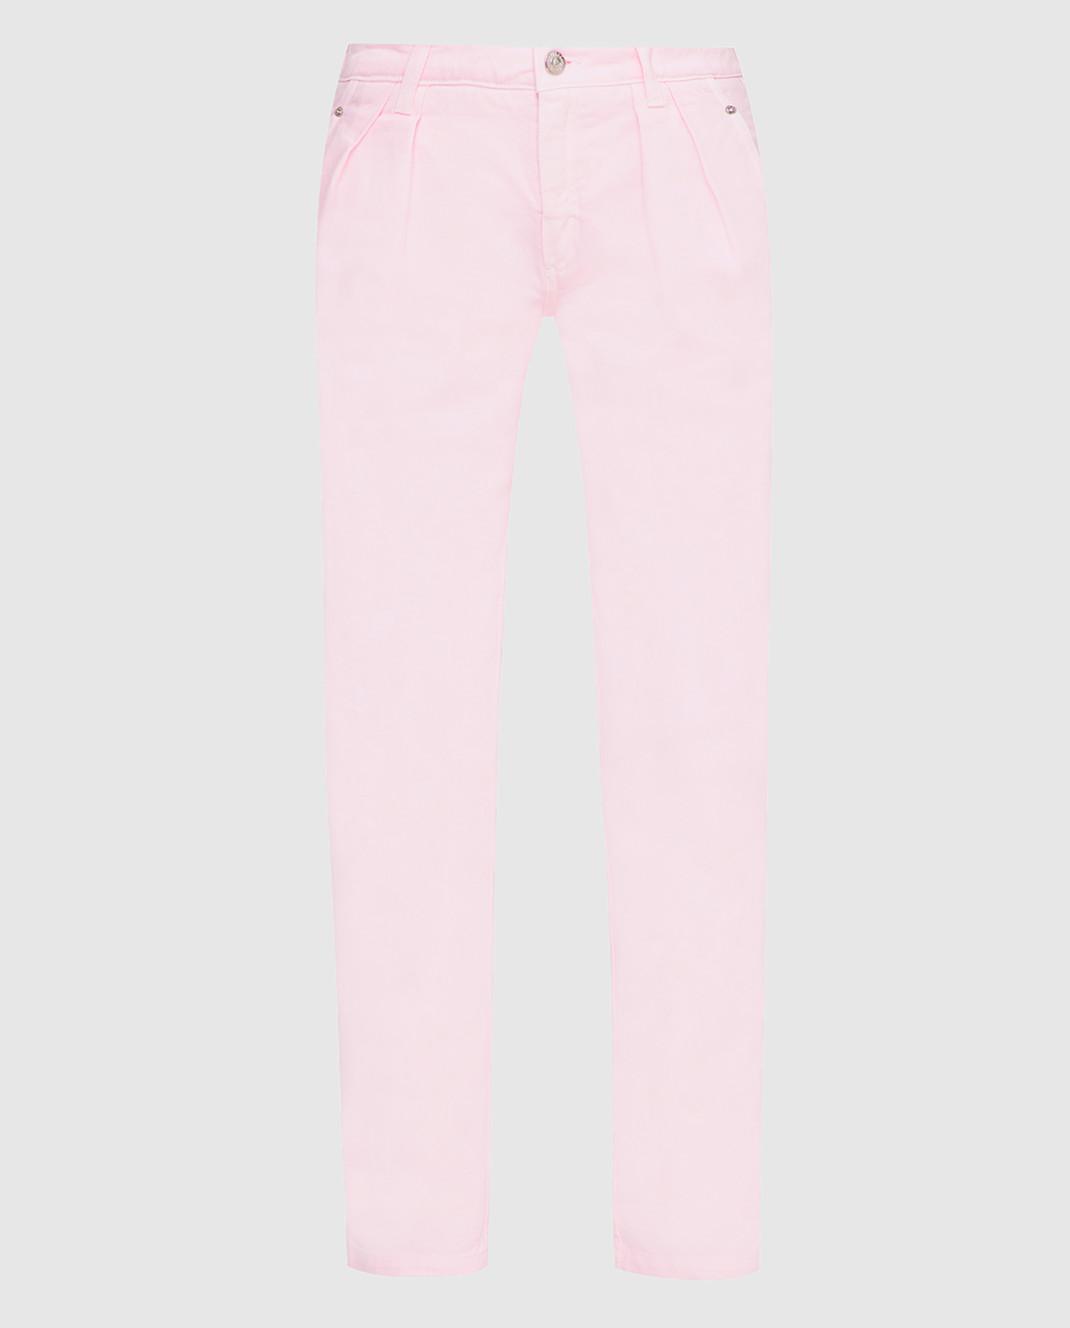 Alexander Terekhov Розовые джинсы изображение 1